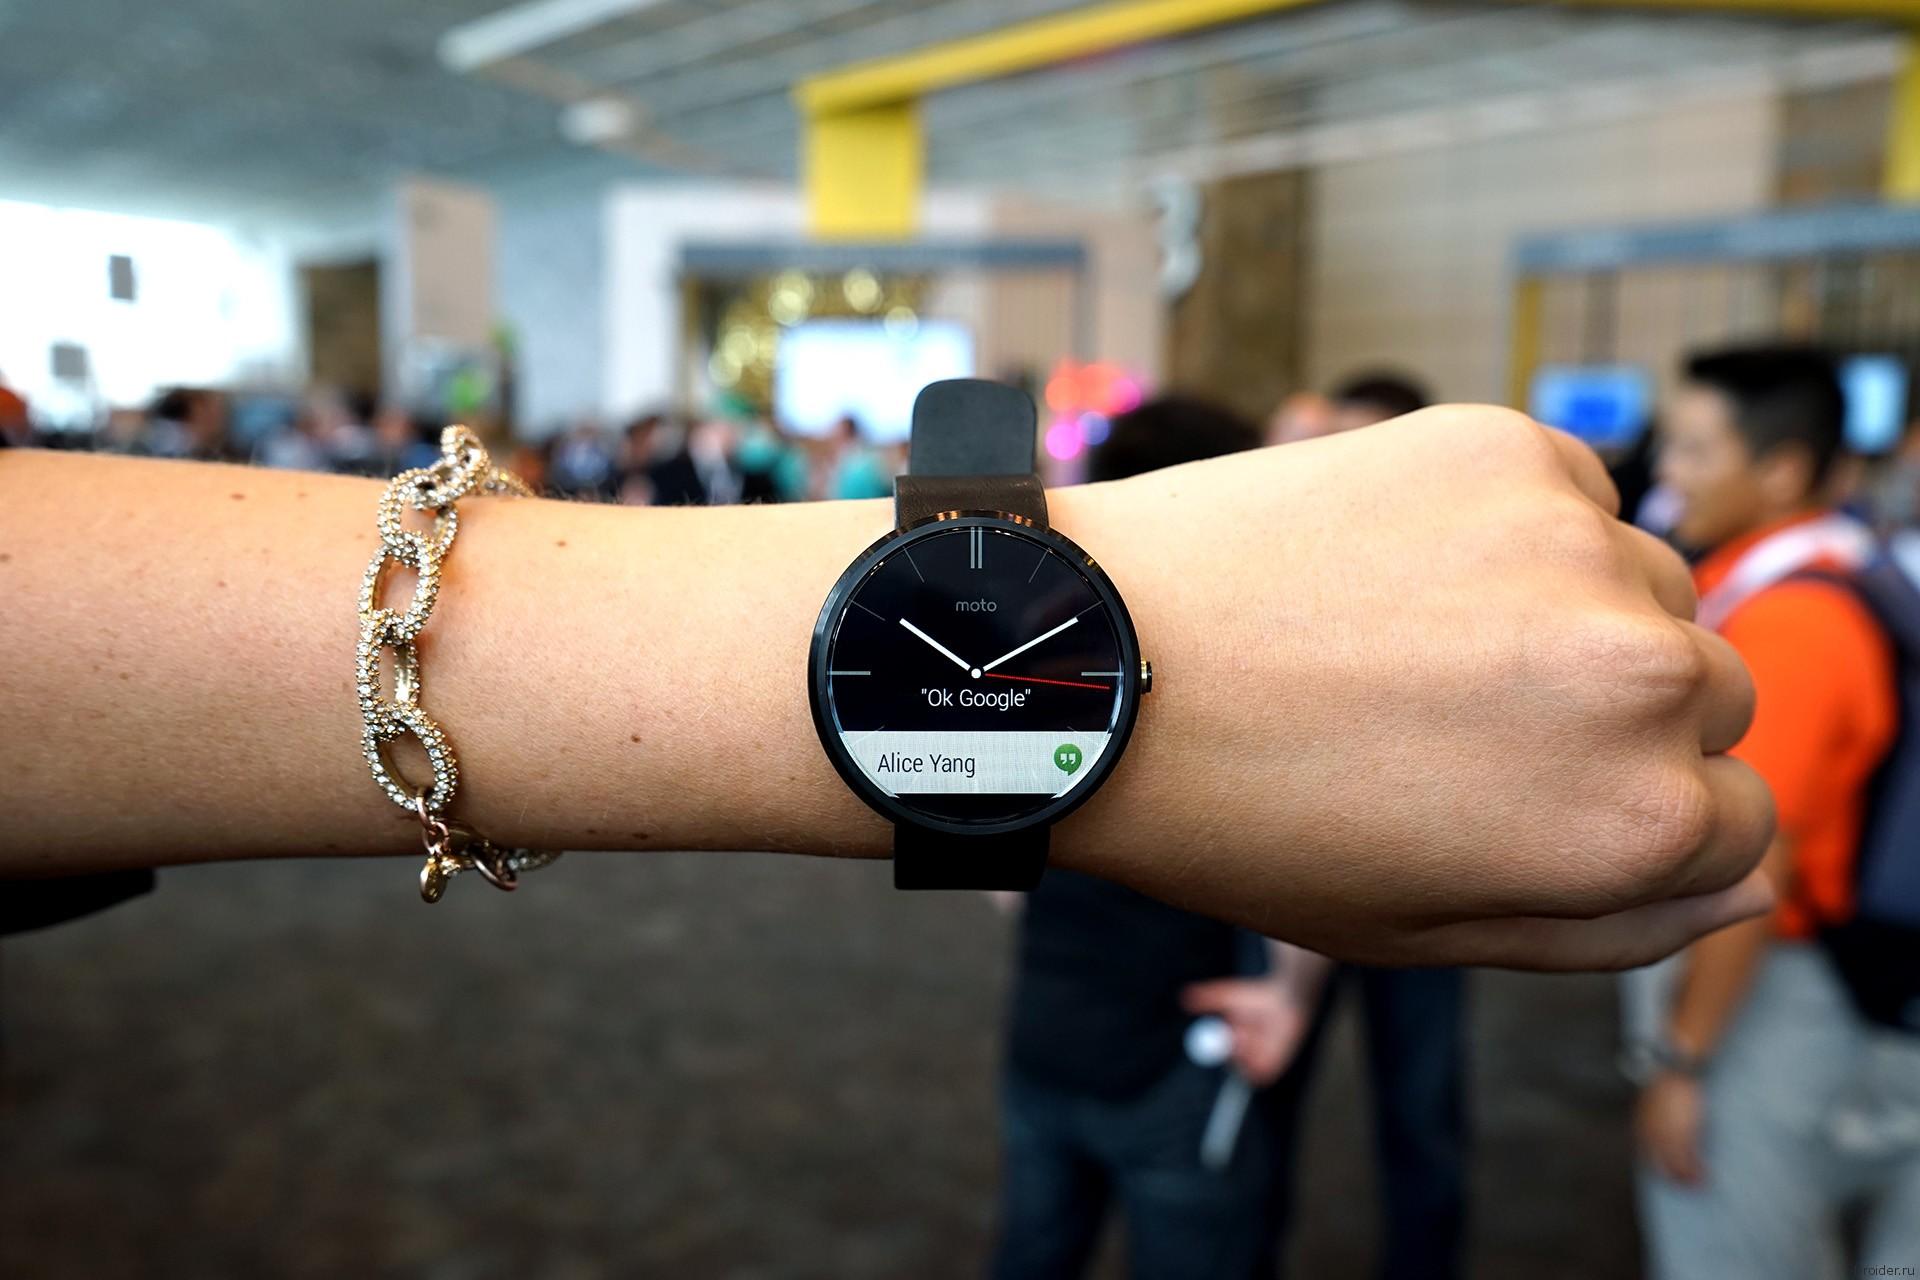 Смарт-часы Moto 360 от Motorola на конференции Google I/O 2014